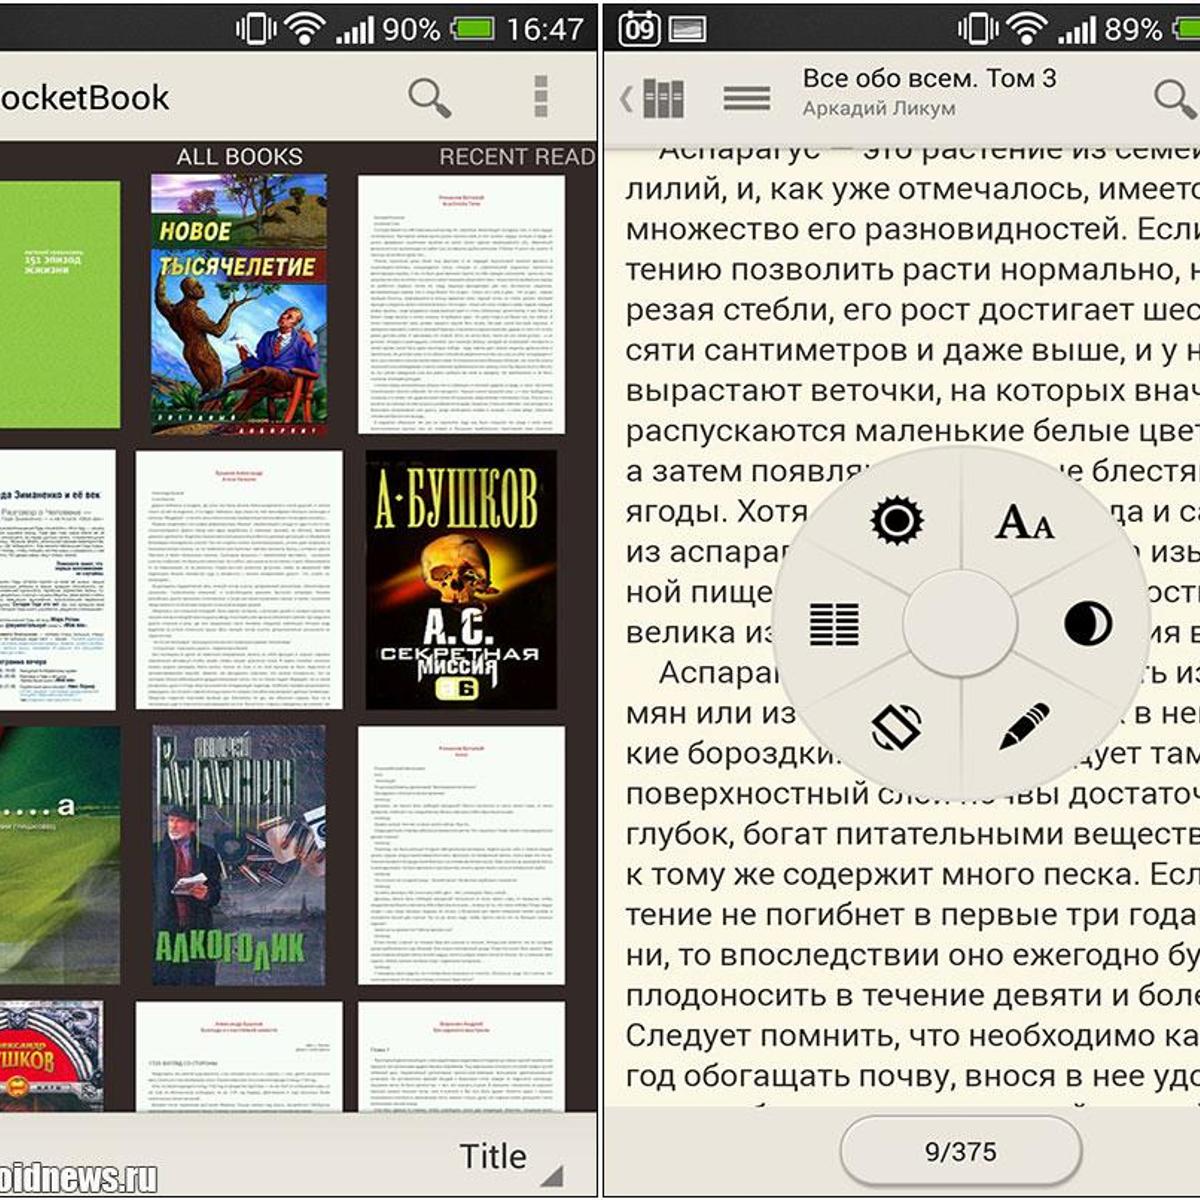 PocketBook Reader Alternatives and Similar Apps